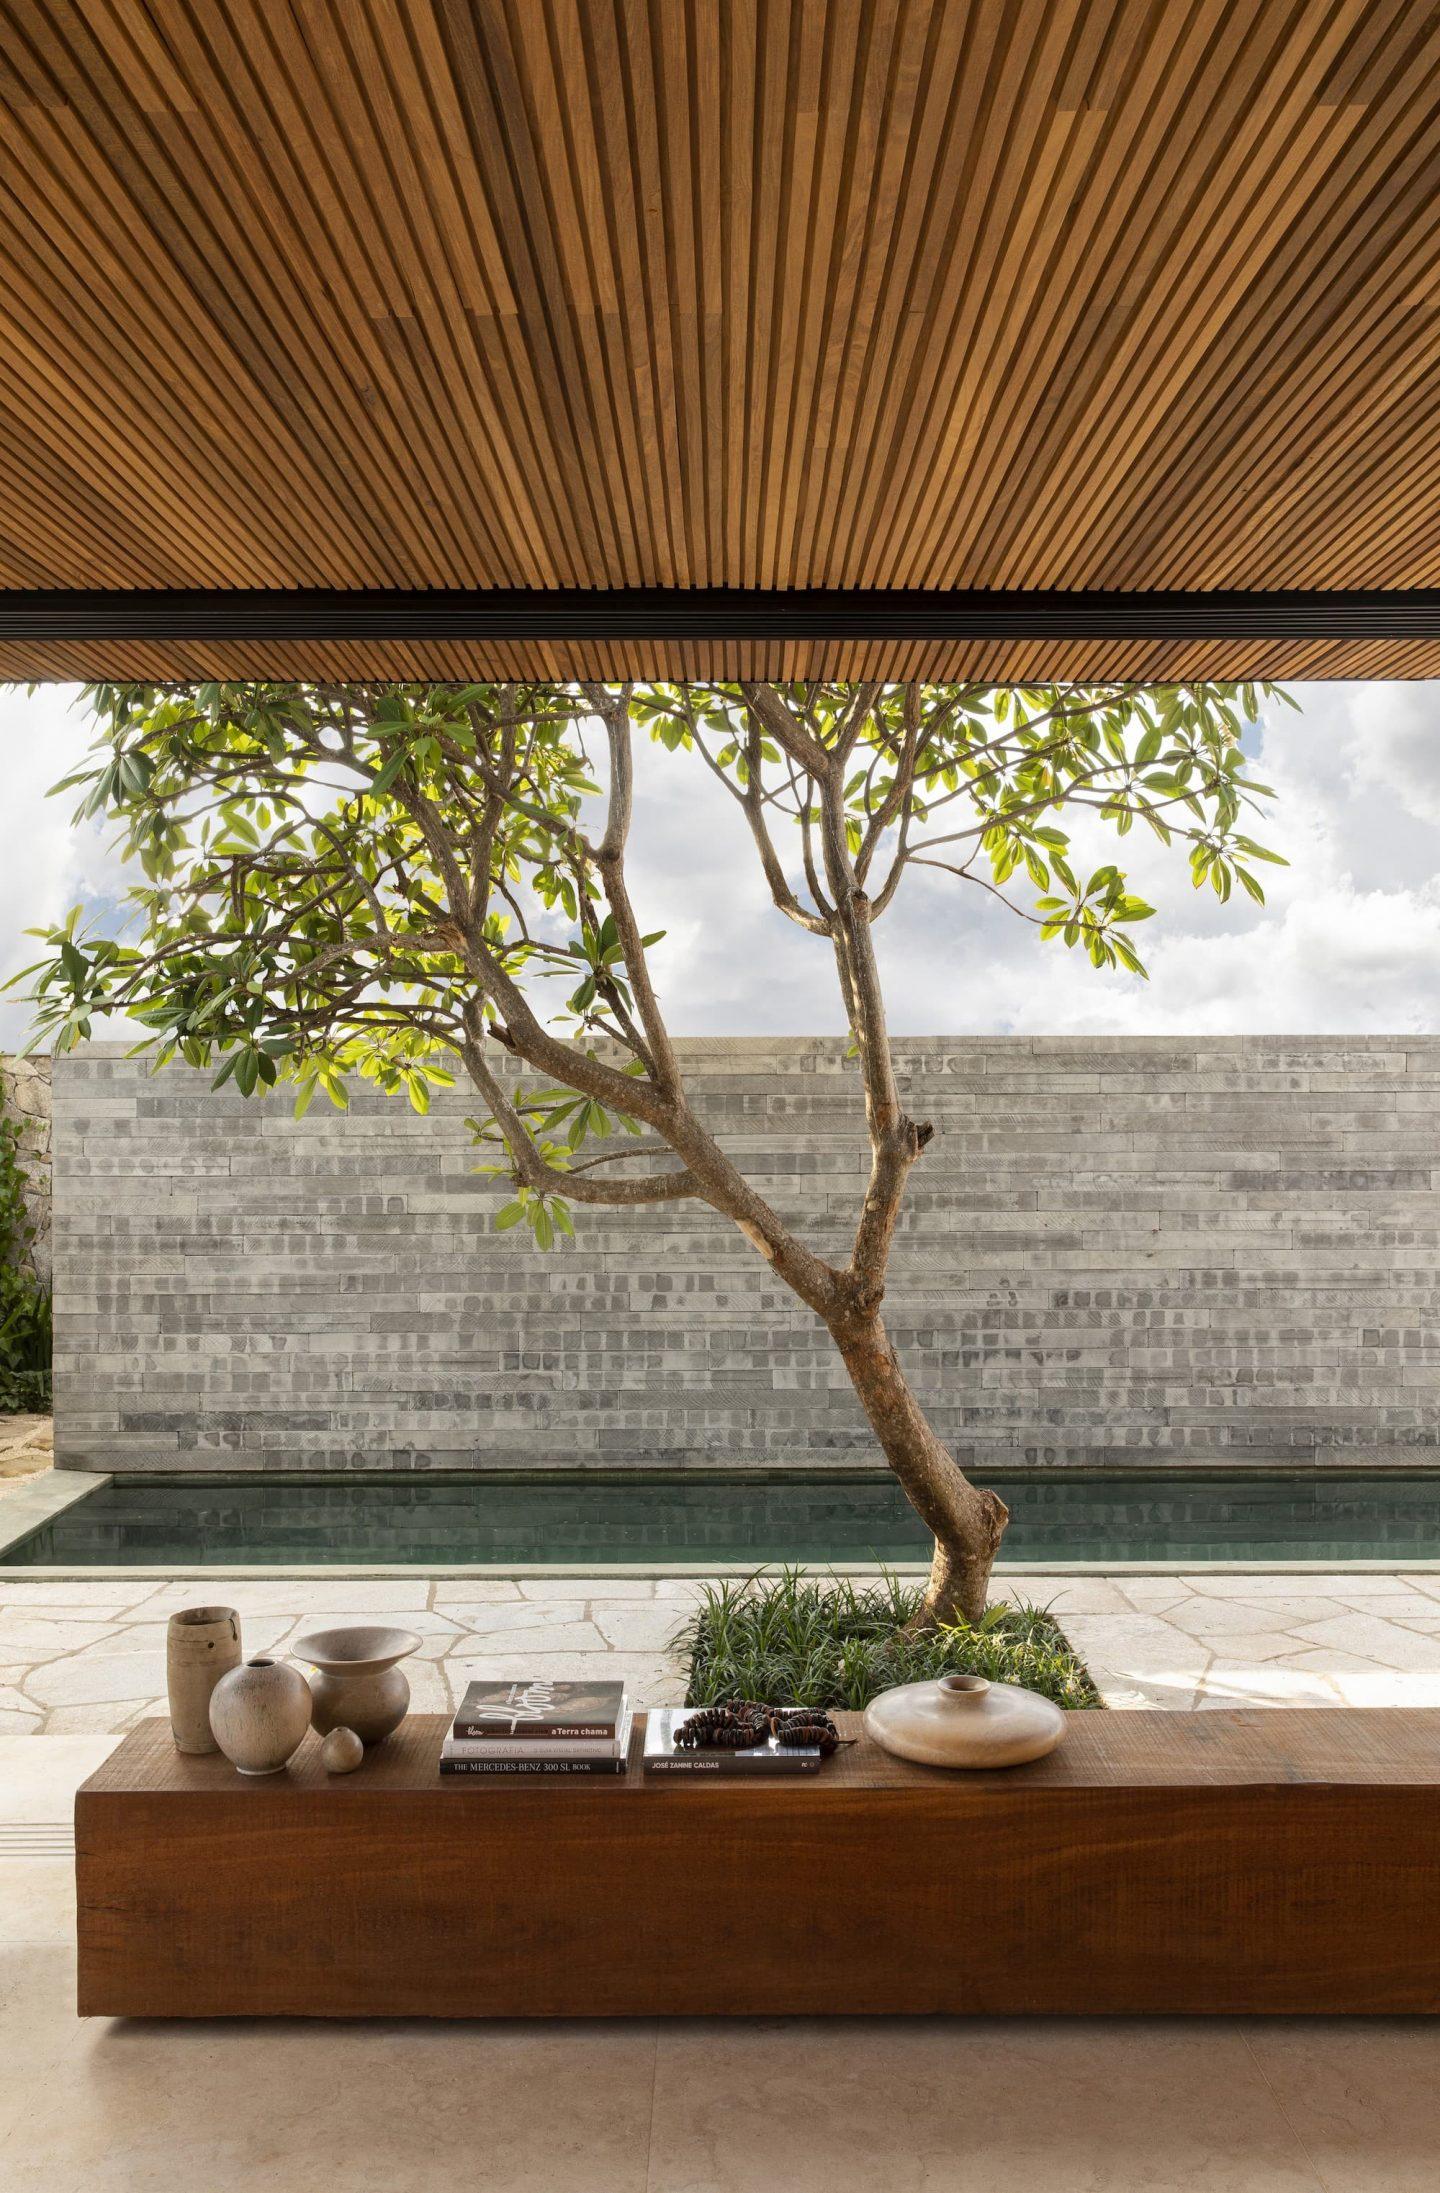 IGNANT-Architecture-MF-Arquitetos-Casa-Q04L63-06-min